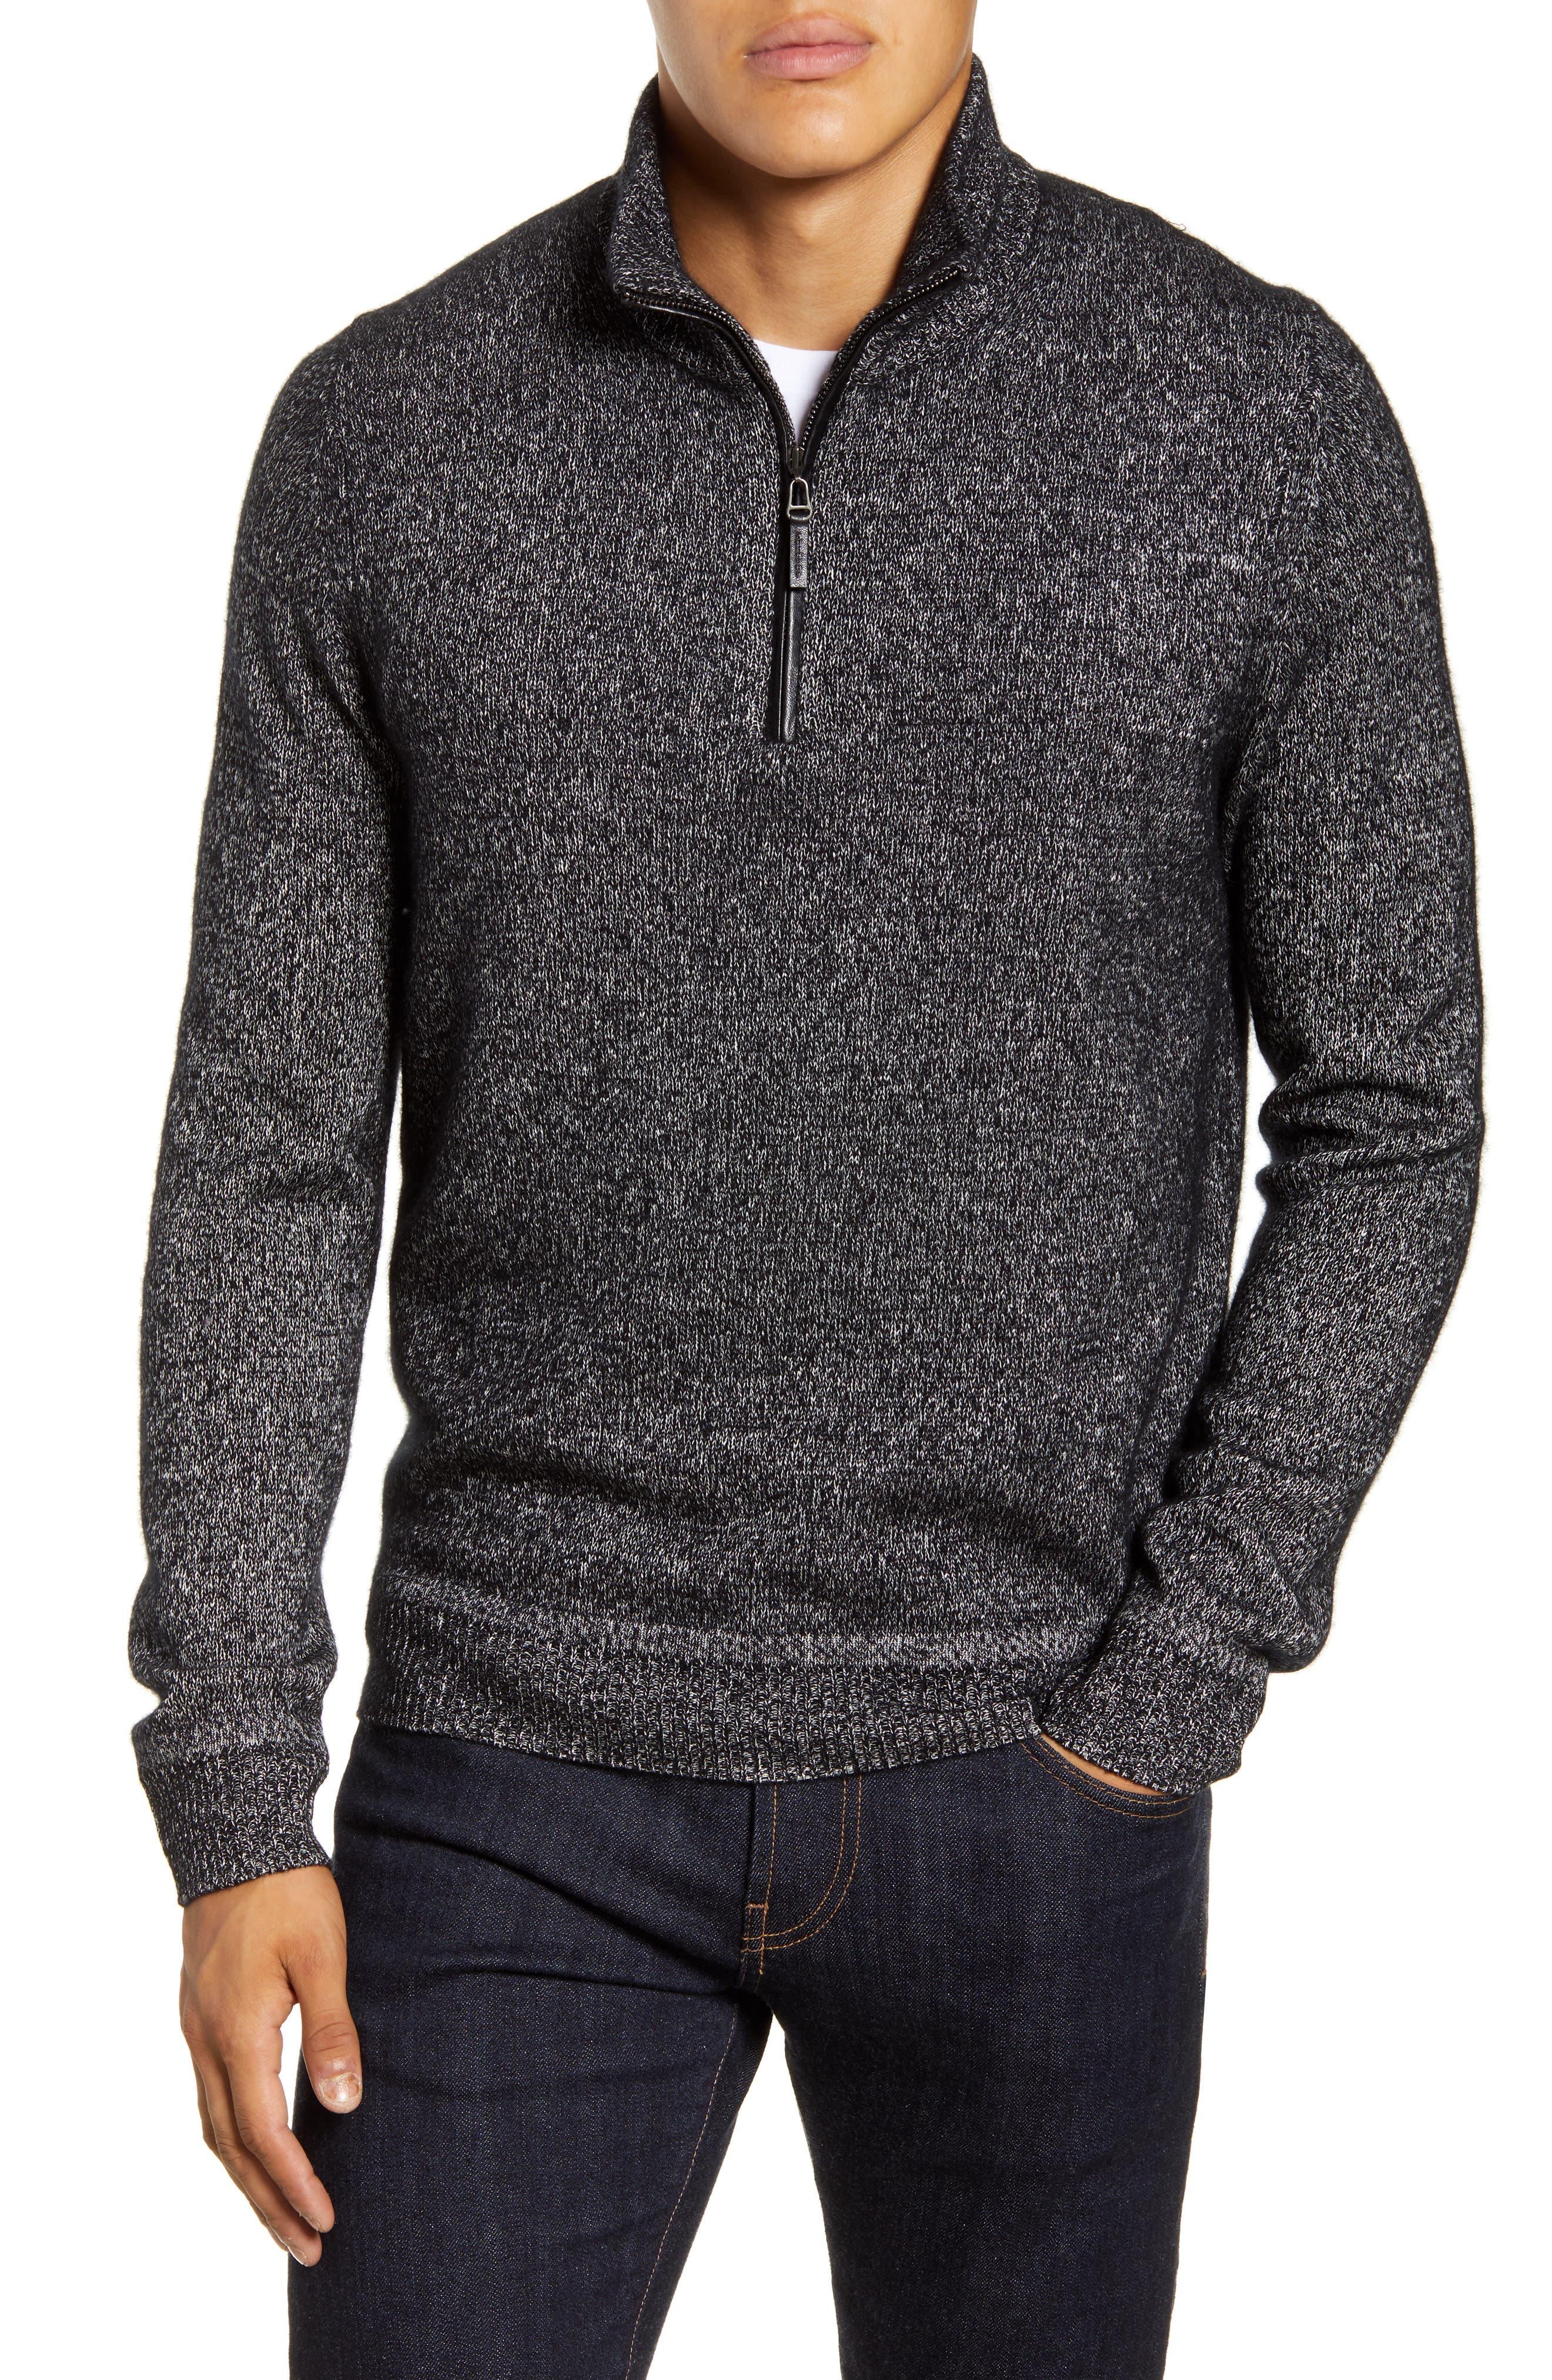 Cashmere \u0026 Silk Quarter Zip Sweater